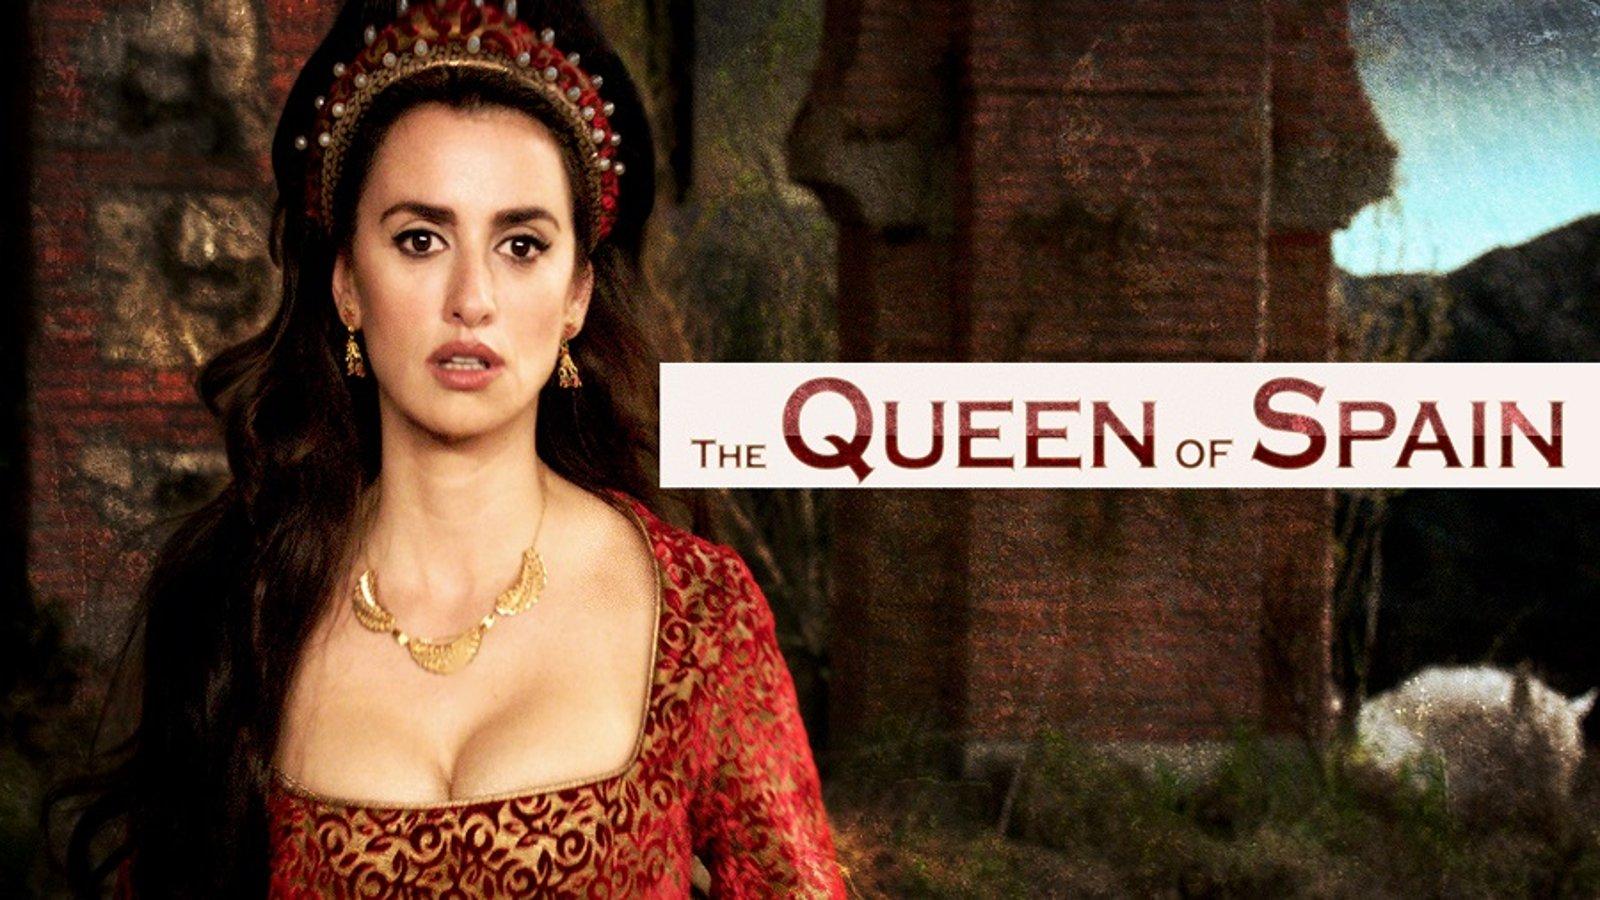 The Queen of Spain - La reina de España